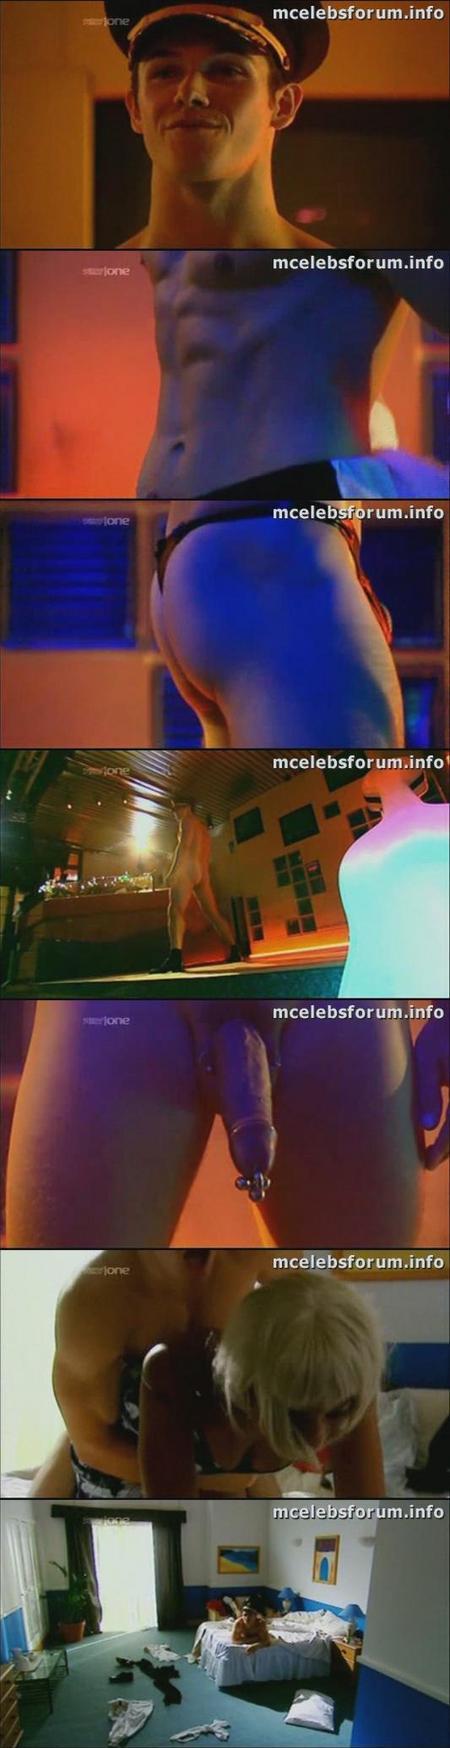 paul-telfer-nude-06.jpg